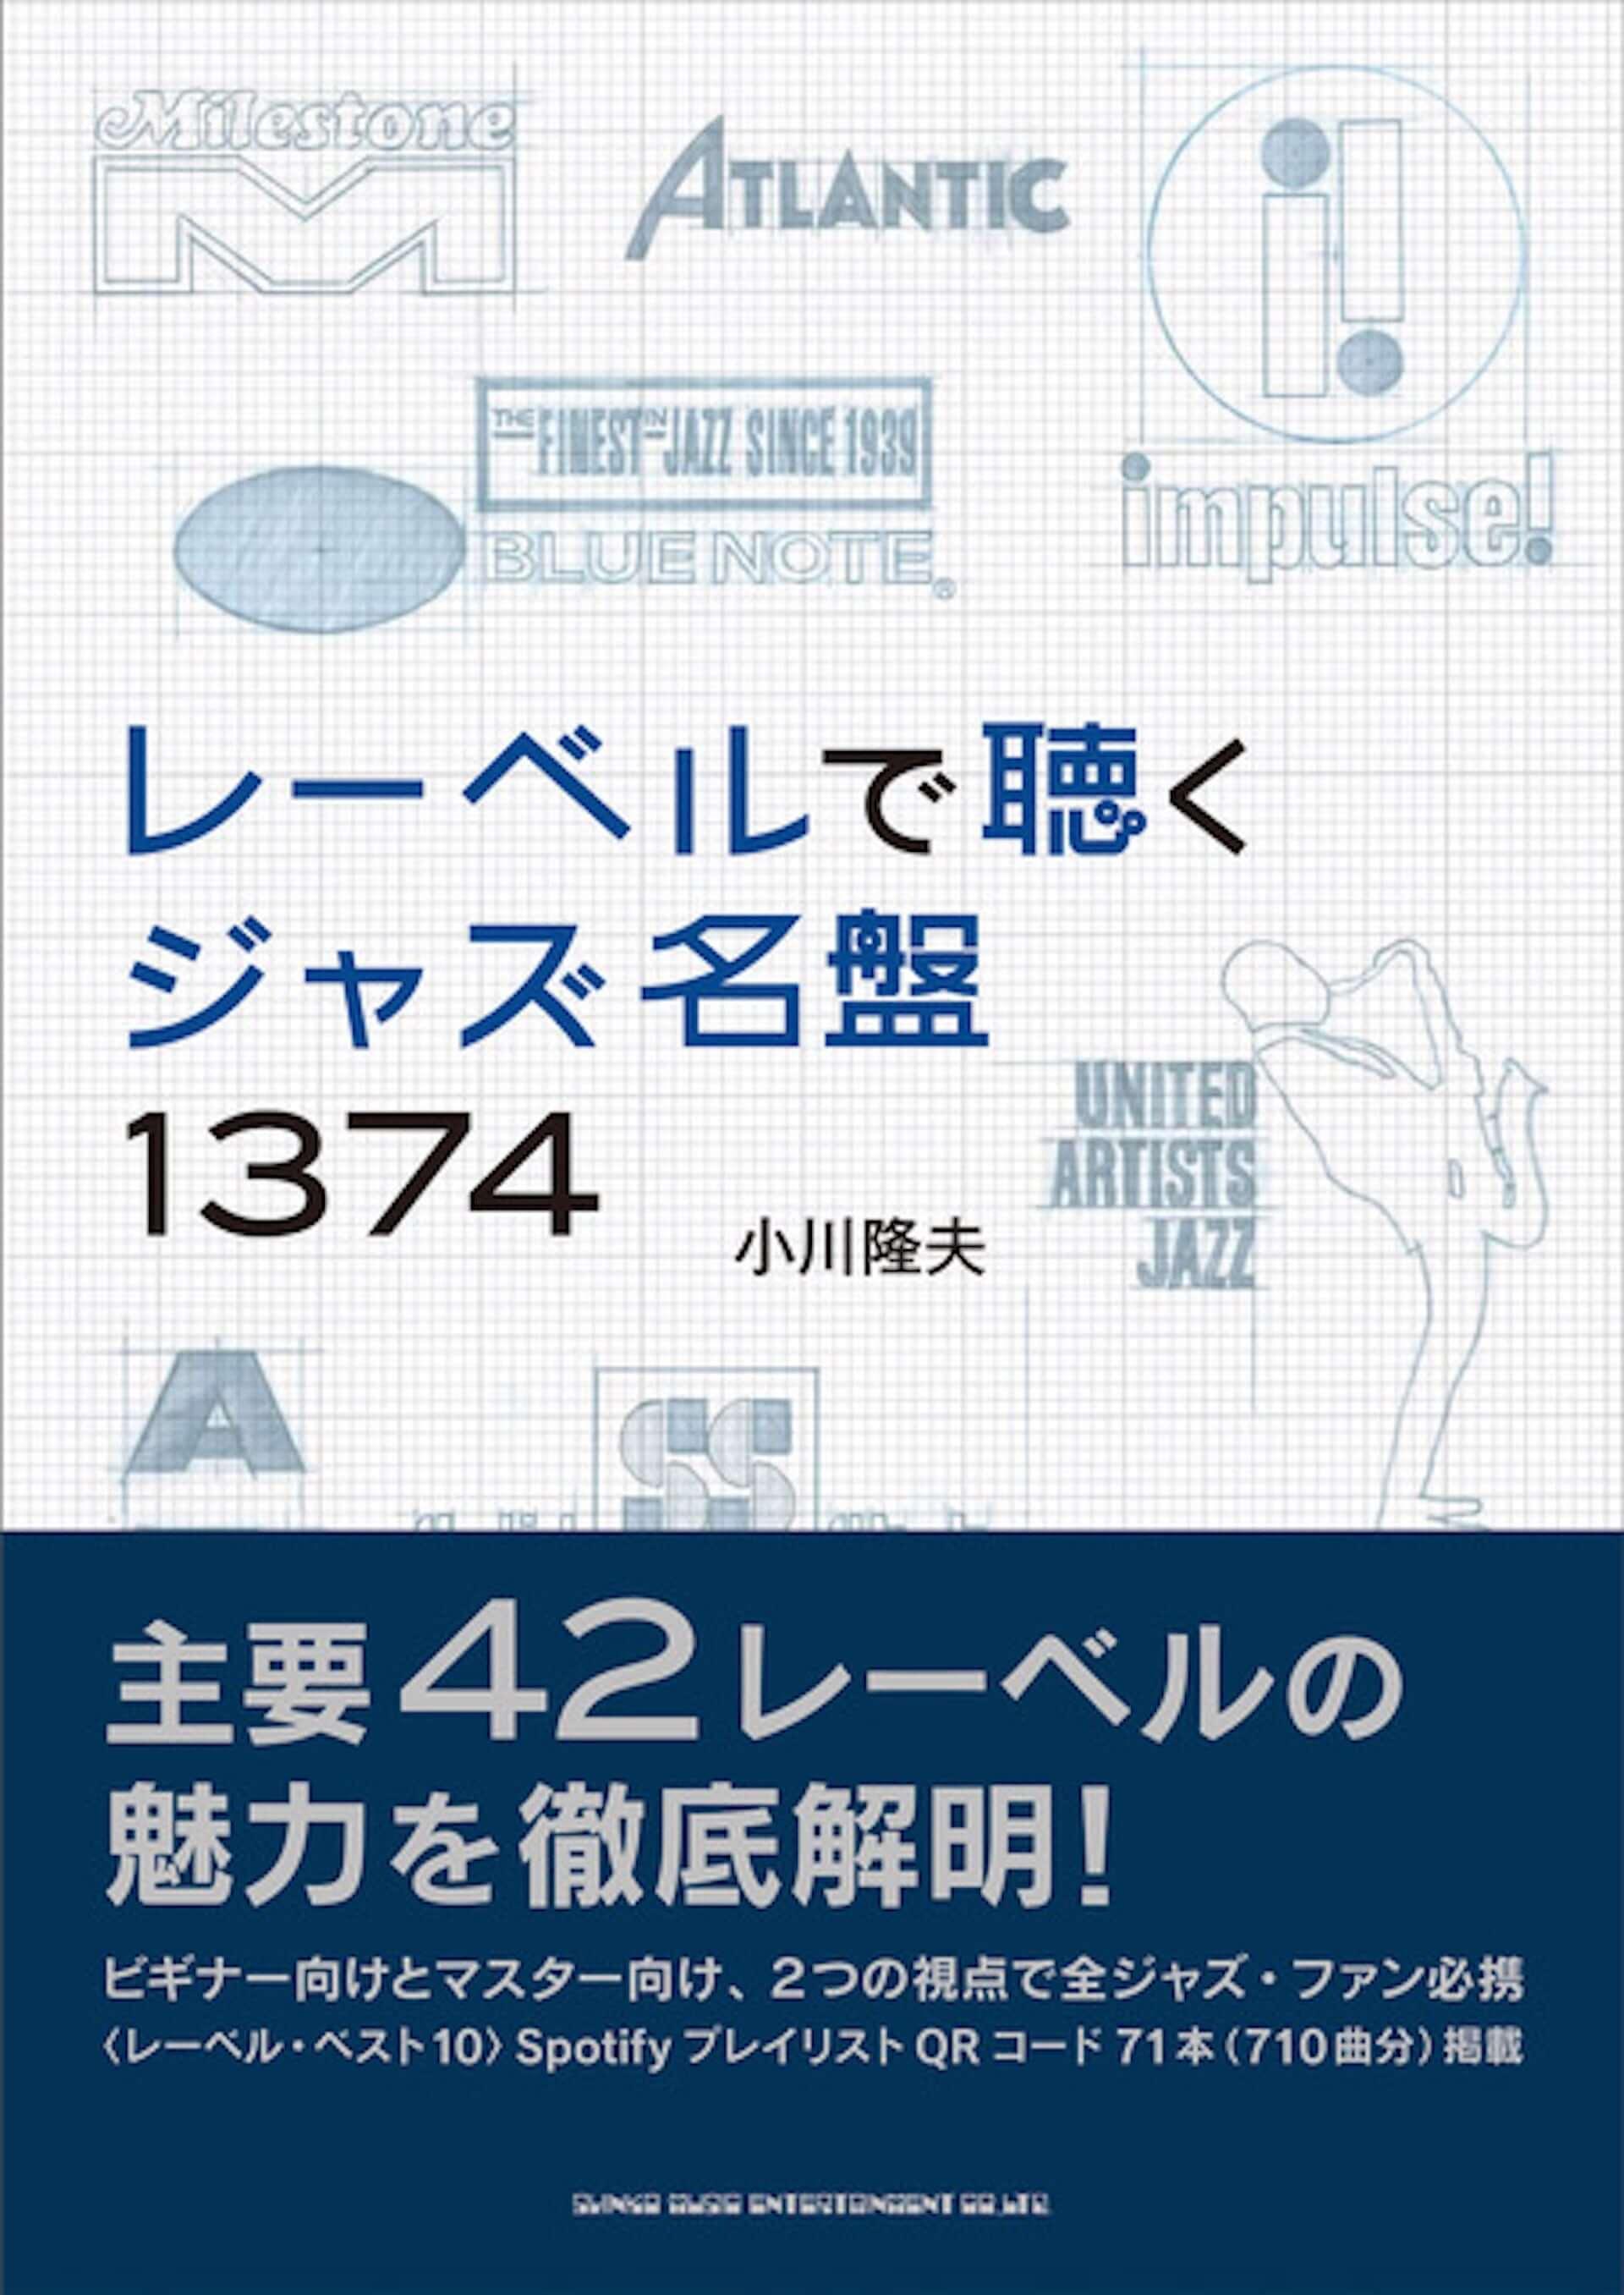 ジャズの名盤1,374枚&主要レーベルを掲載!音楽ジャーナリスト・小川隆夫の著書『レーベルで聴くジャズ名盤1374』が発売決定 music200904_jazz-meiban_1-1920x2713